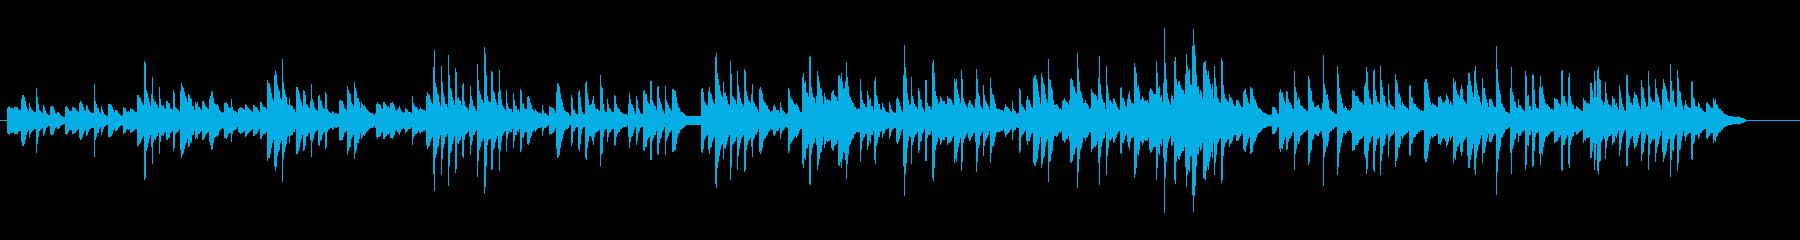 長い長い眠りイメージしたピアノ曲の再生済みの波形